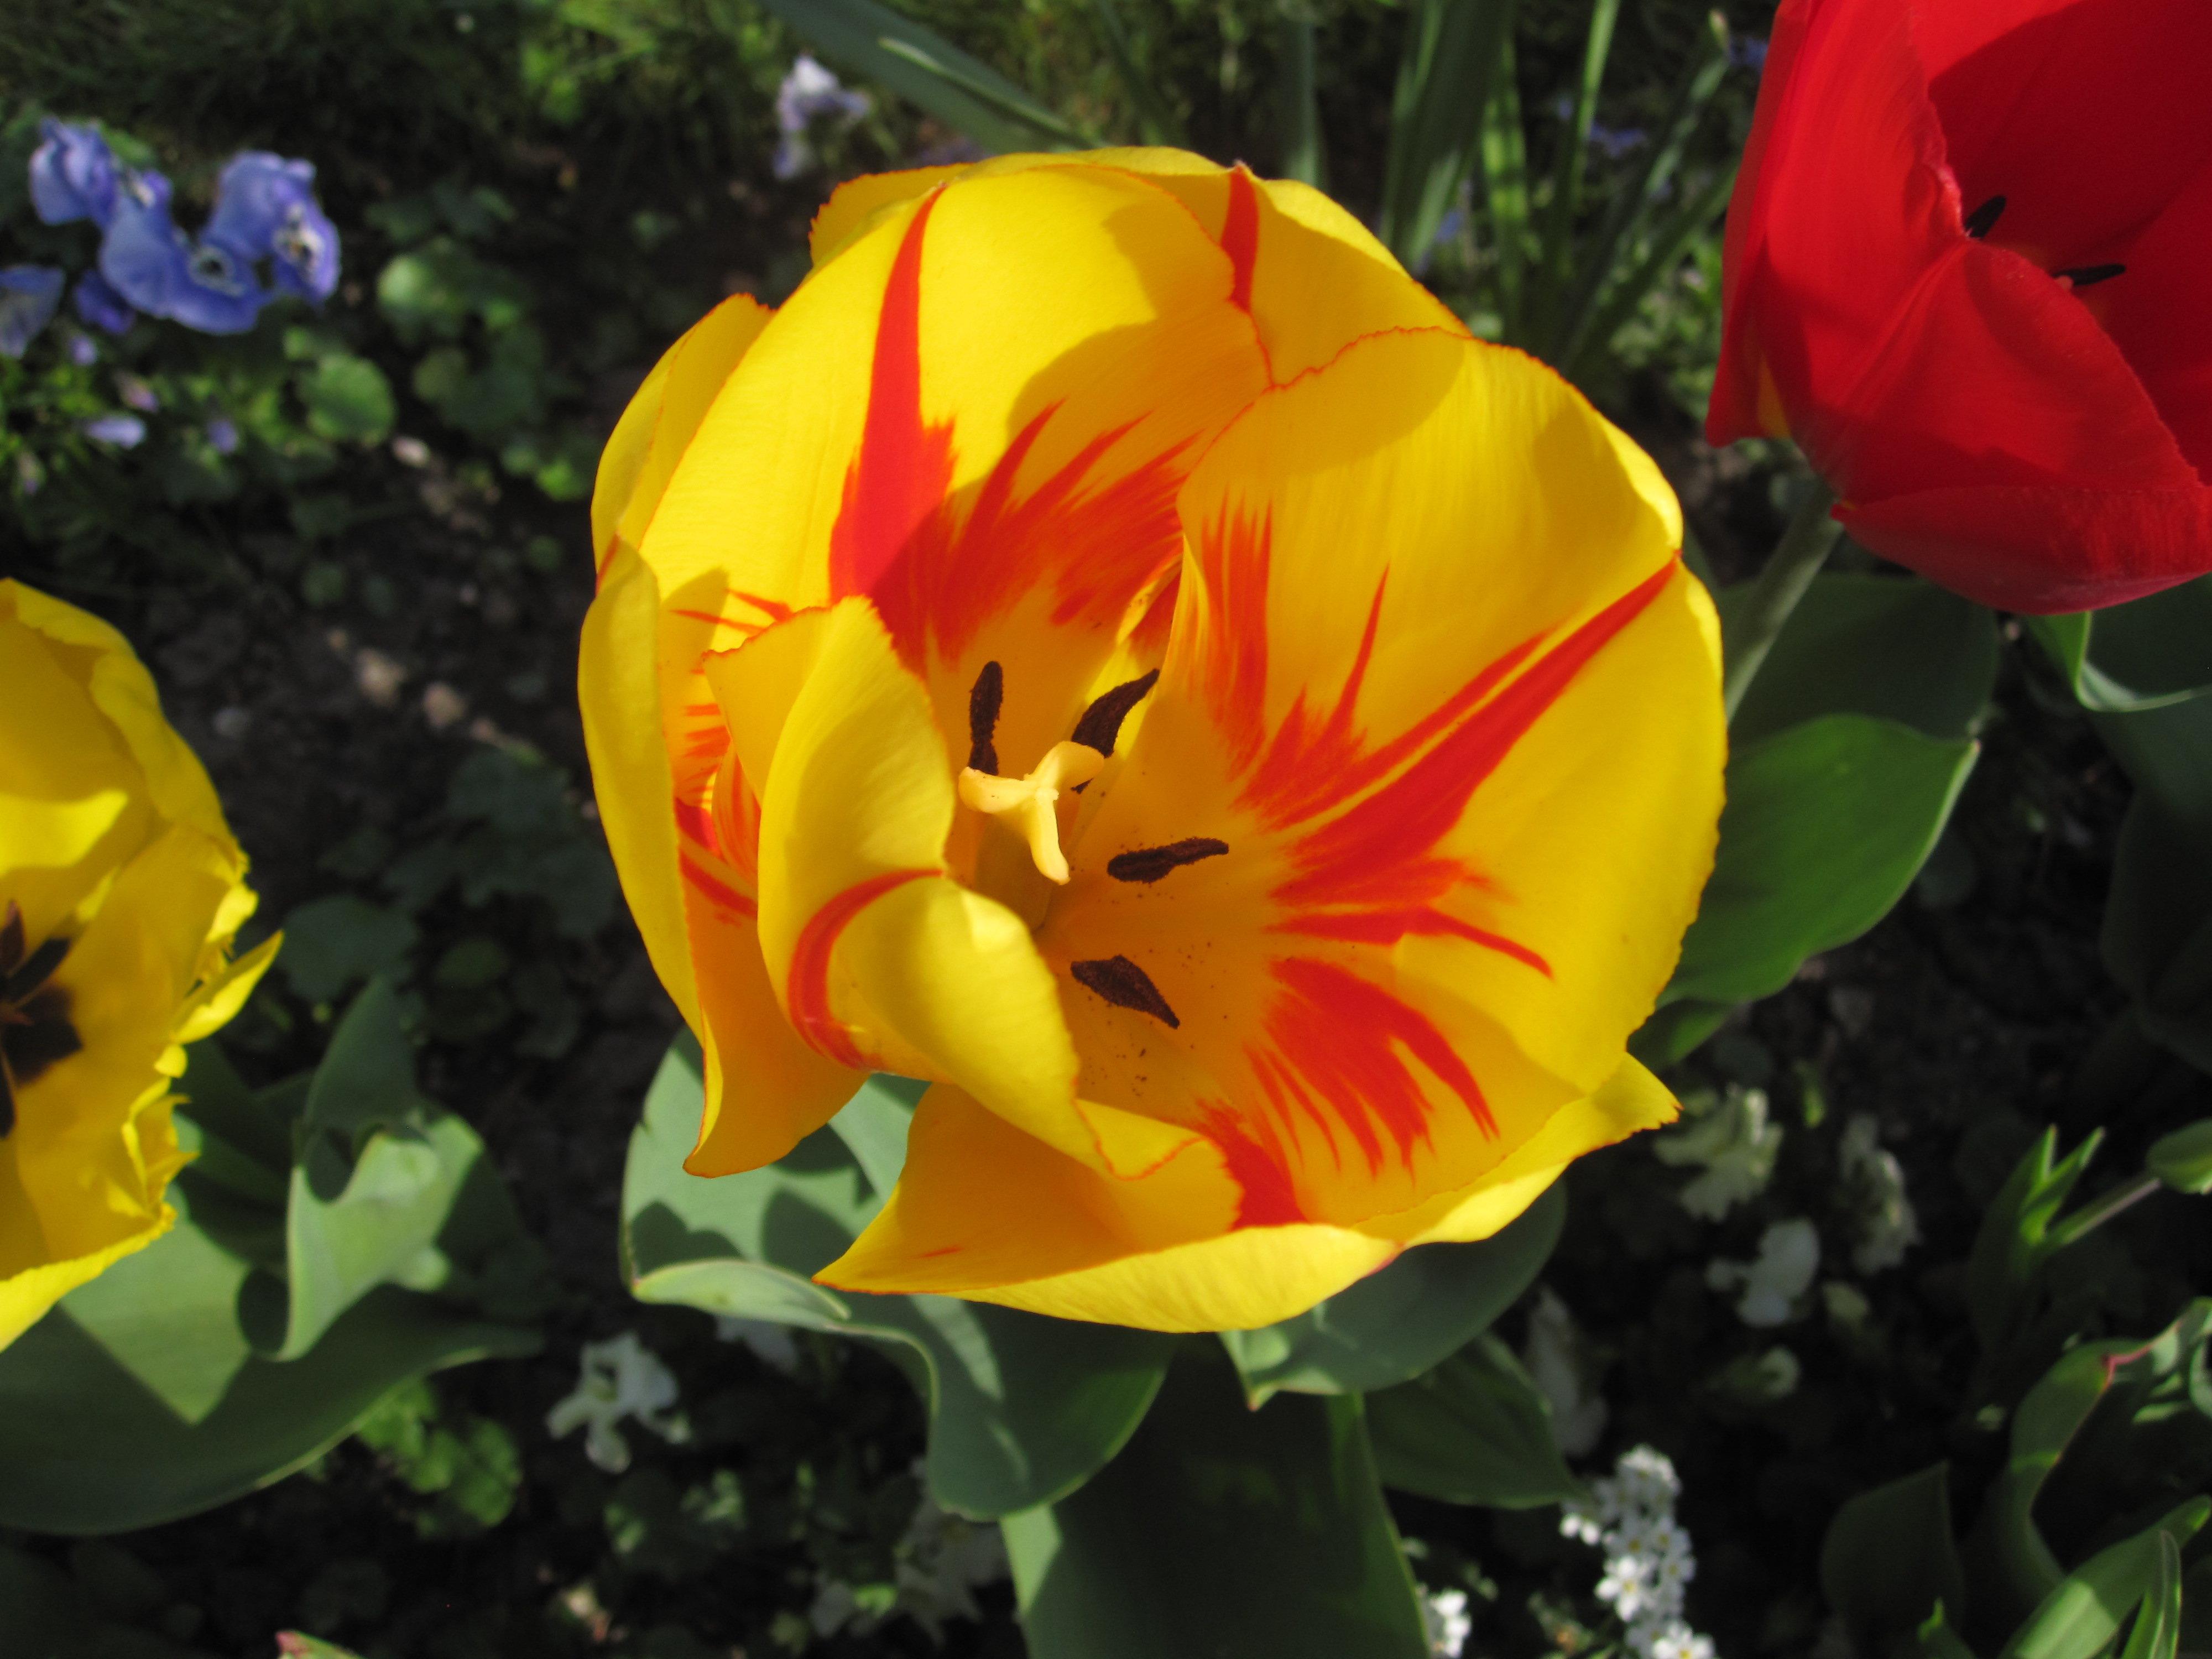 Ein Bild von einer gelb-roten Blumenblüte.